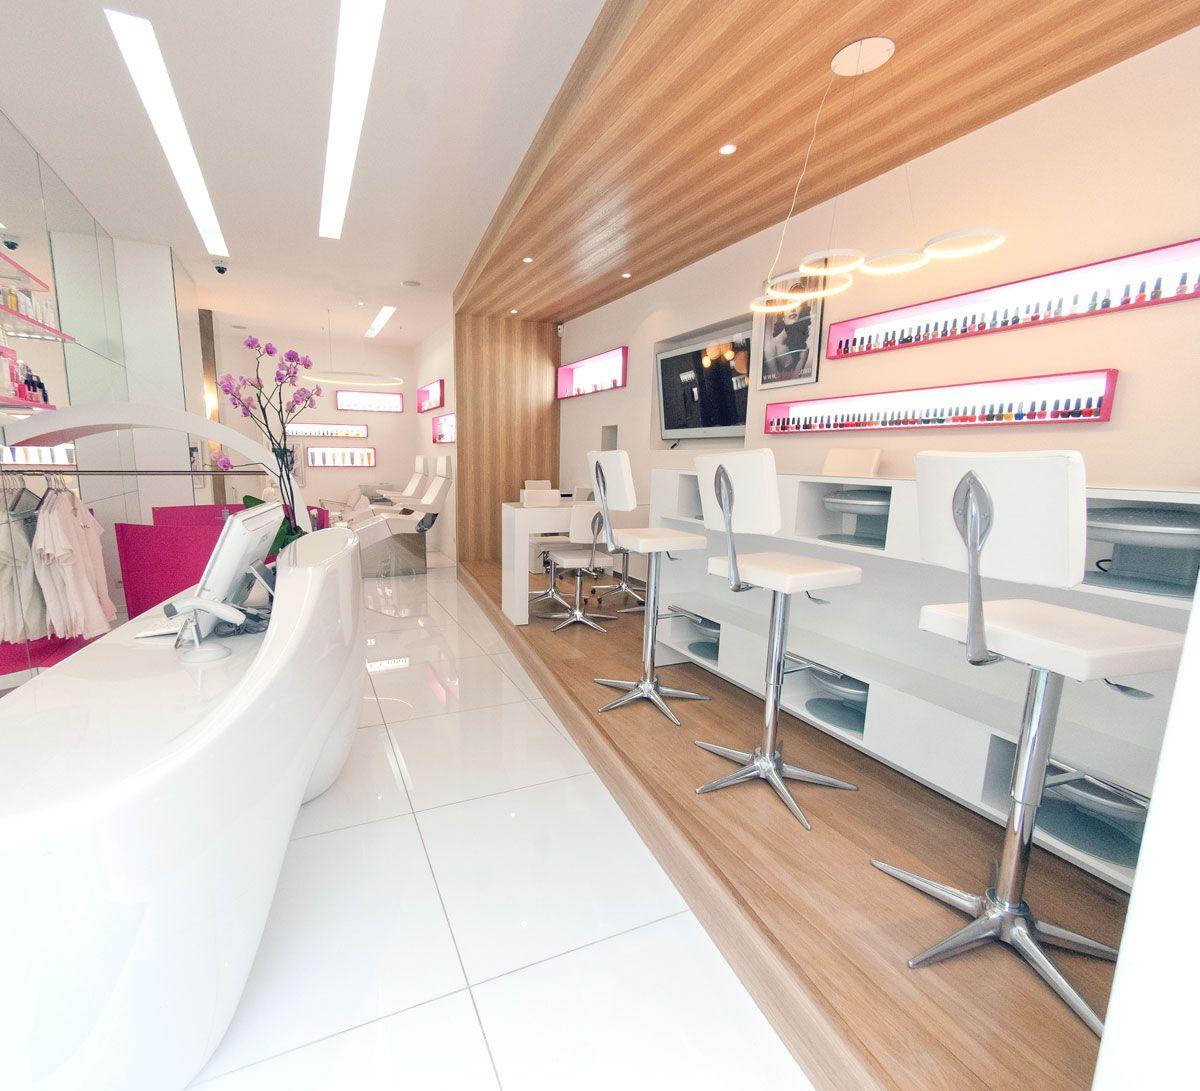 Before Beauty Bar - Paris #SalonIdeas http://www.beforebar.com/